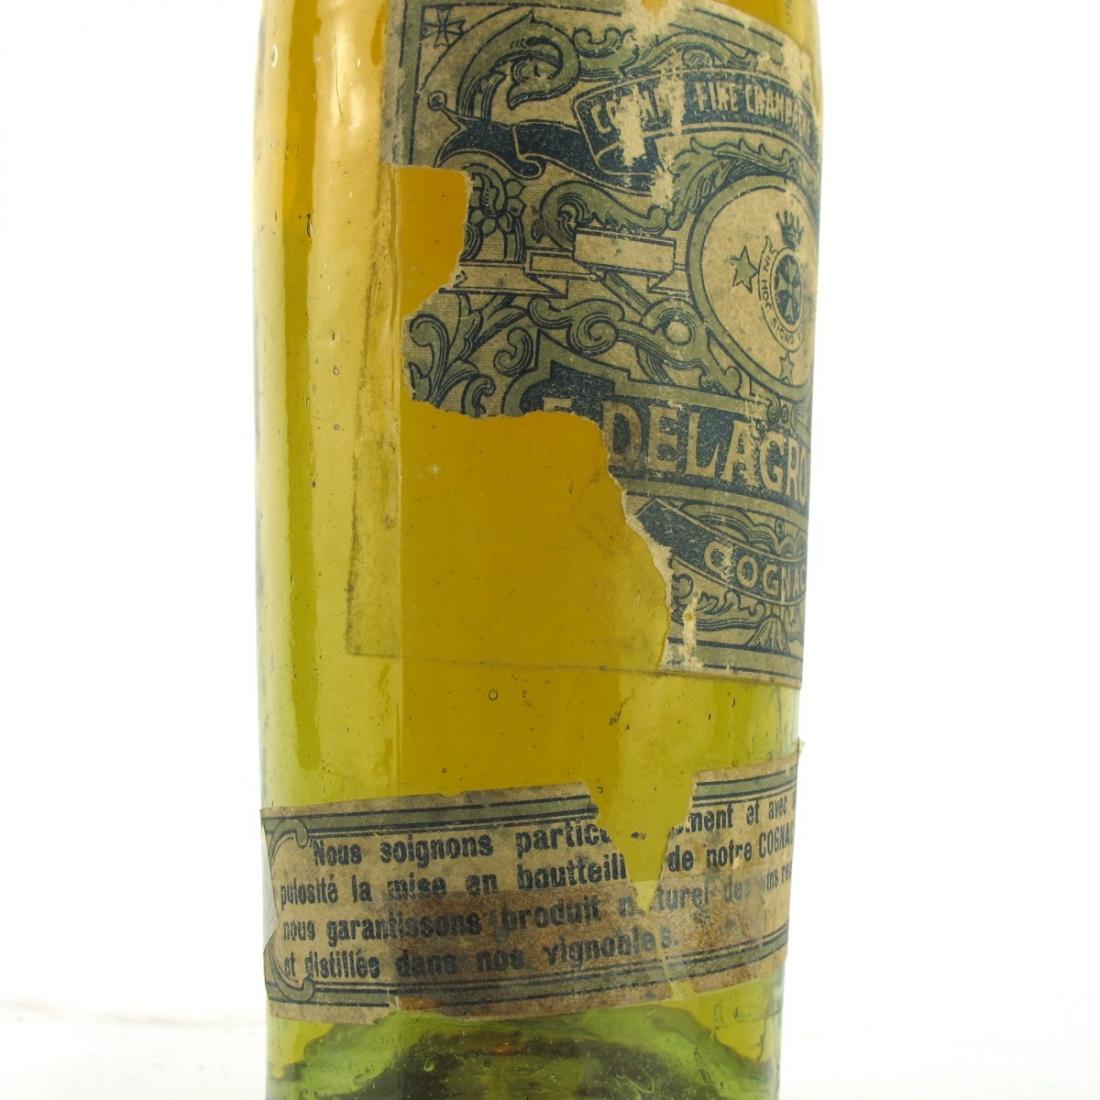 Delagroix 3 Star Fine Champagne Cognac circa 1930s